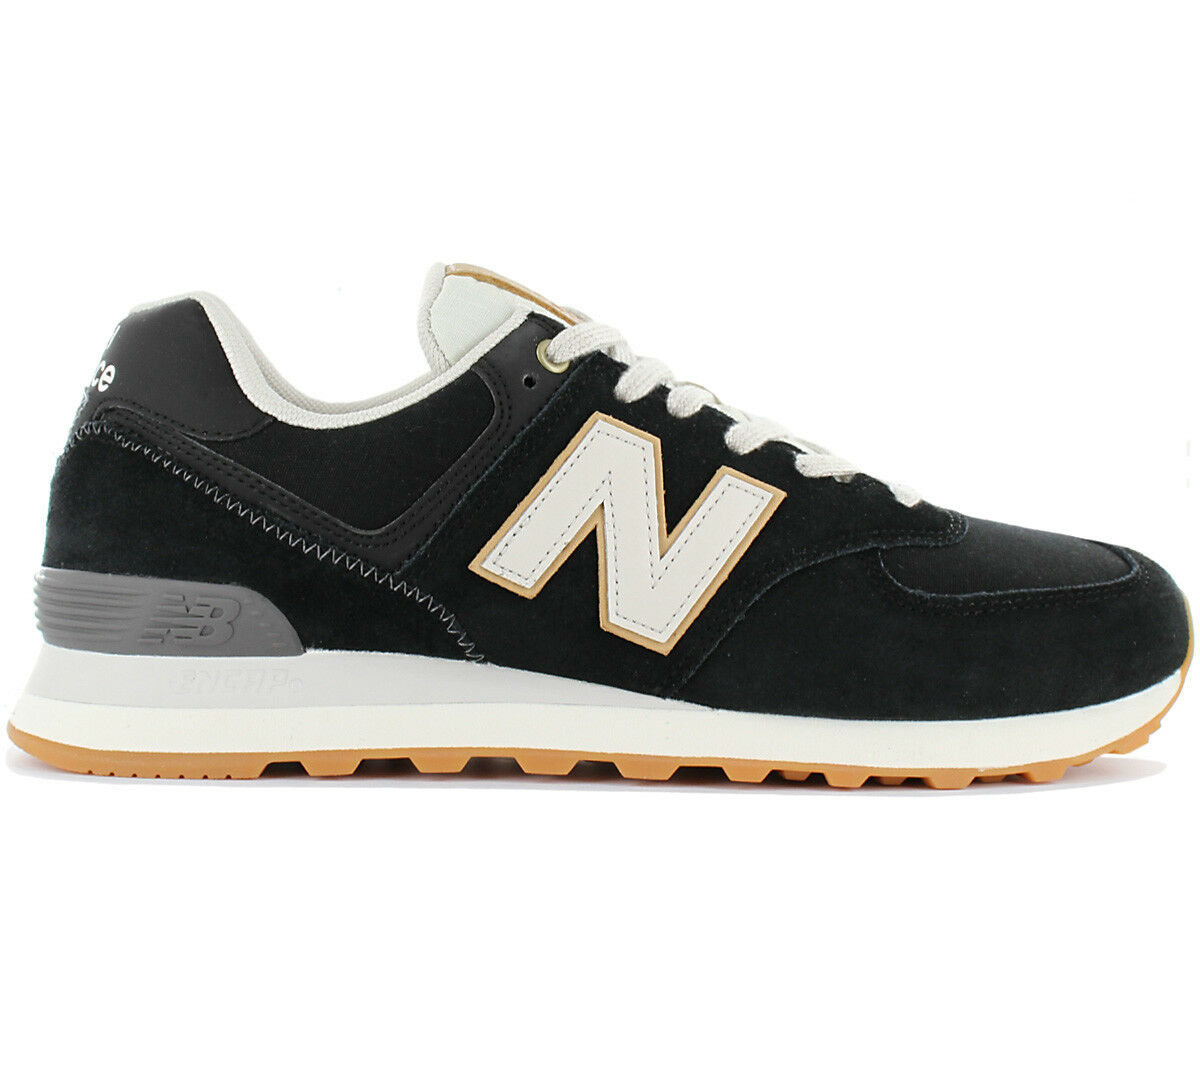 New Balance Classics 574 Herren Sneaker Schuhe Schwarz ML574OUA Turnschuhe NEU